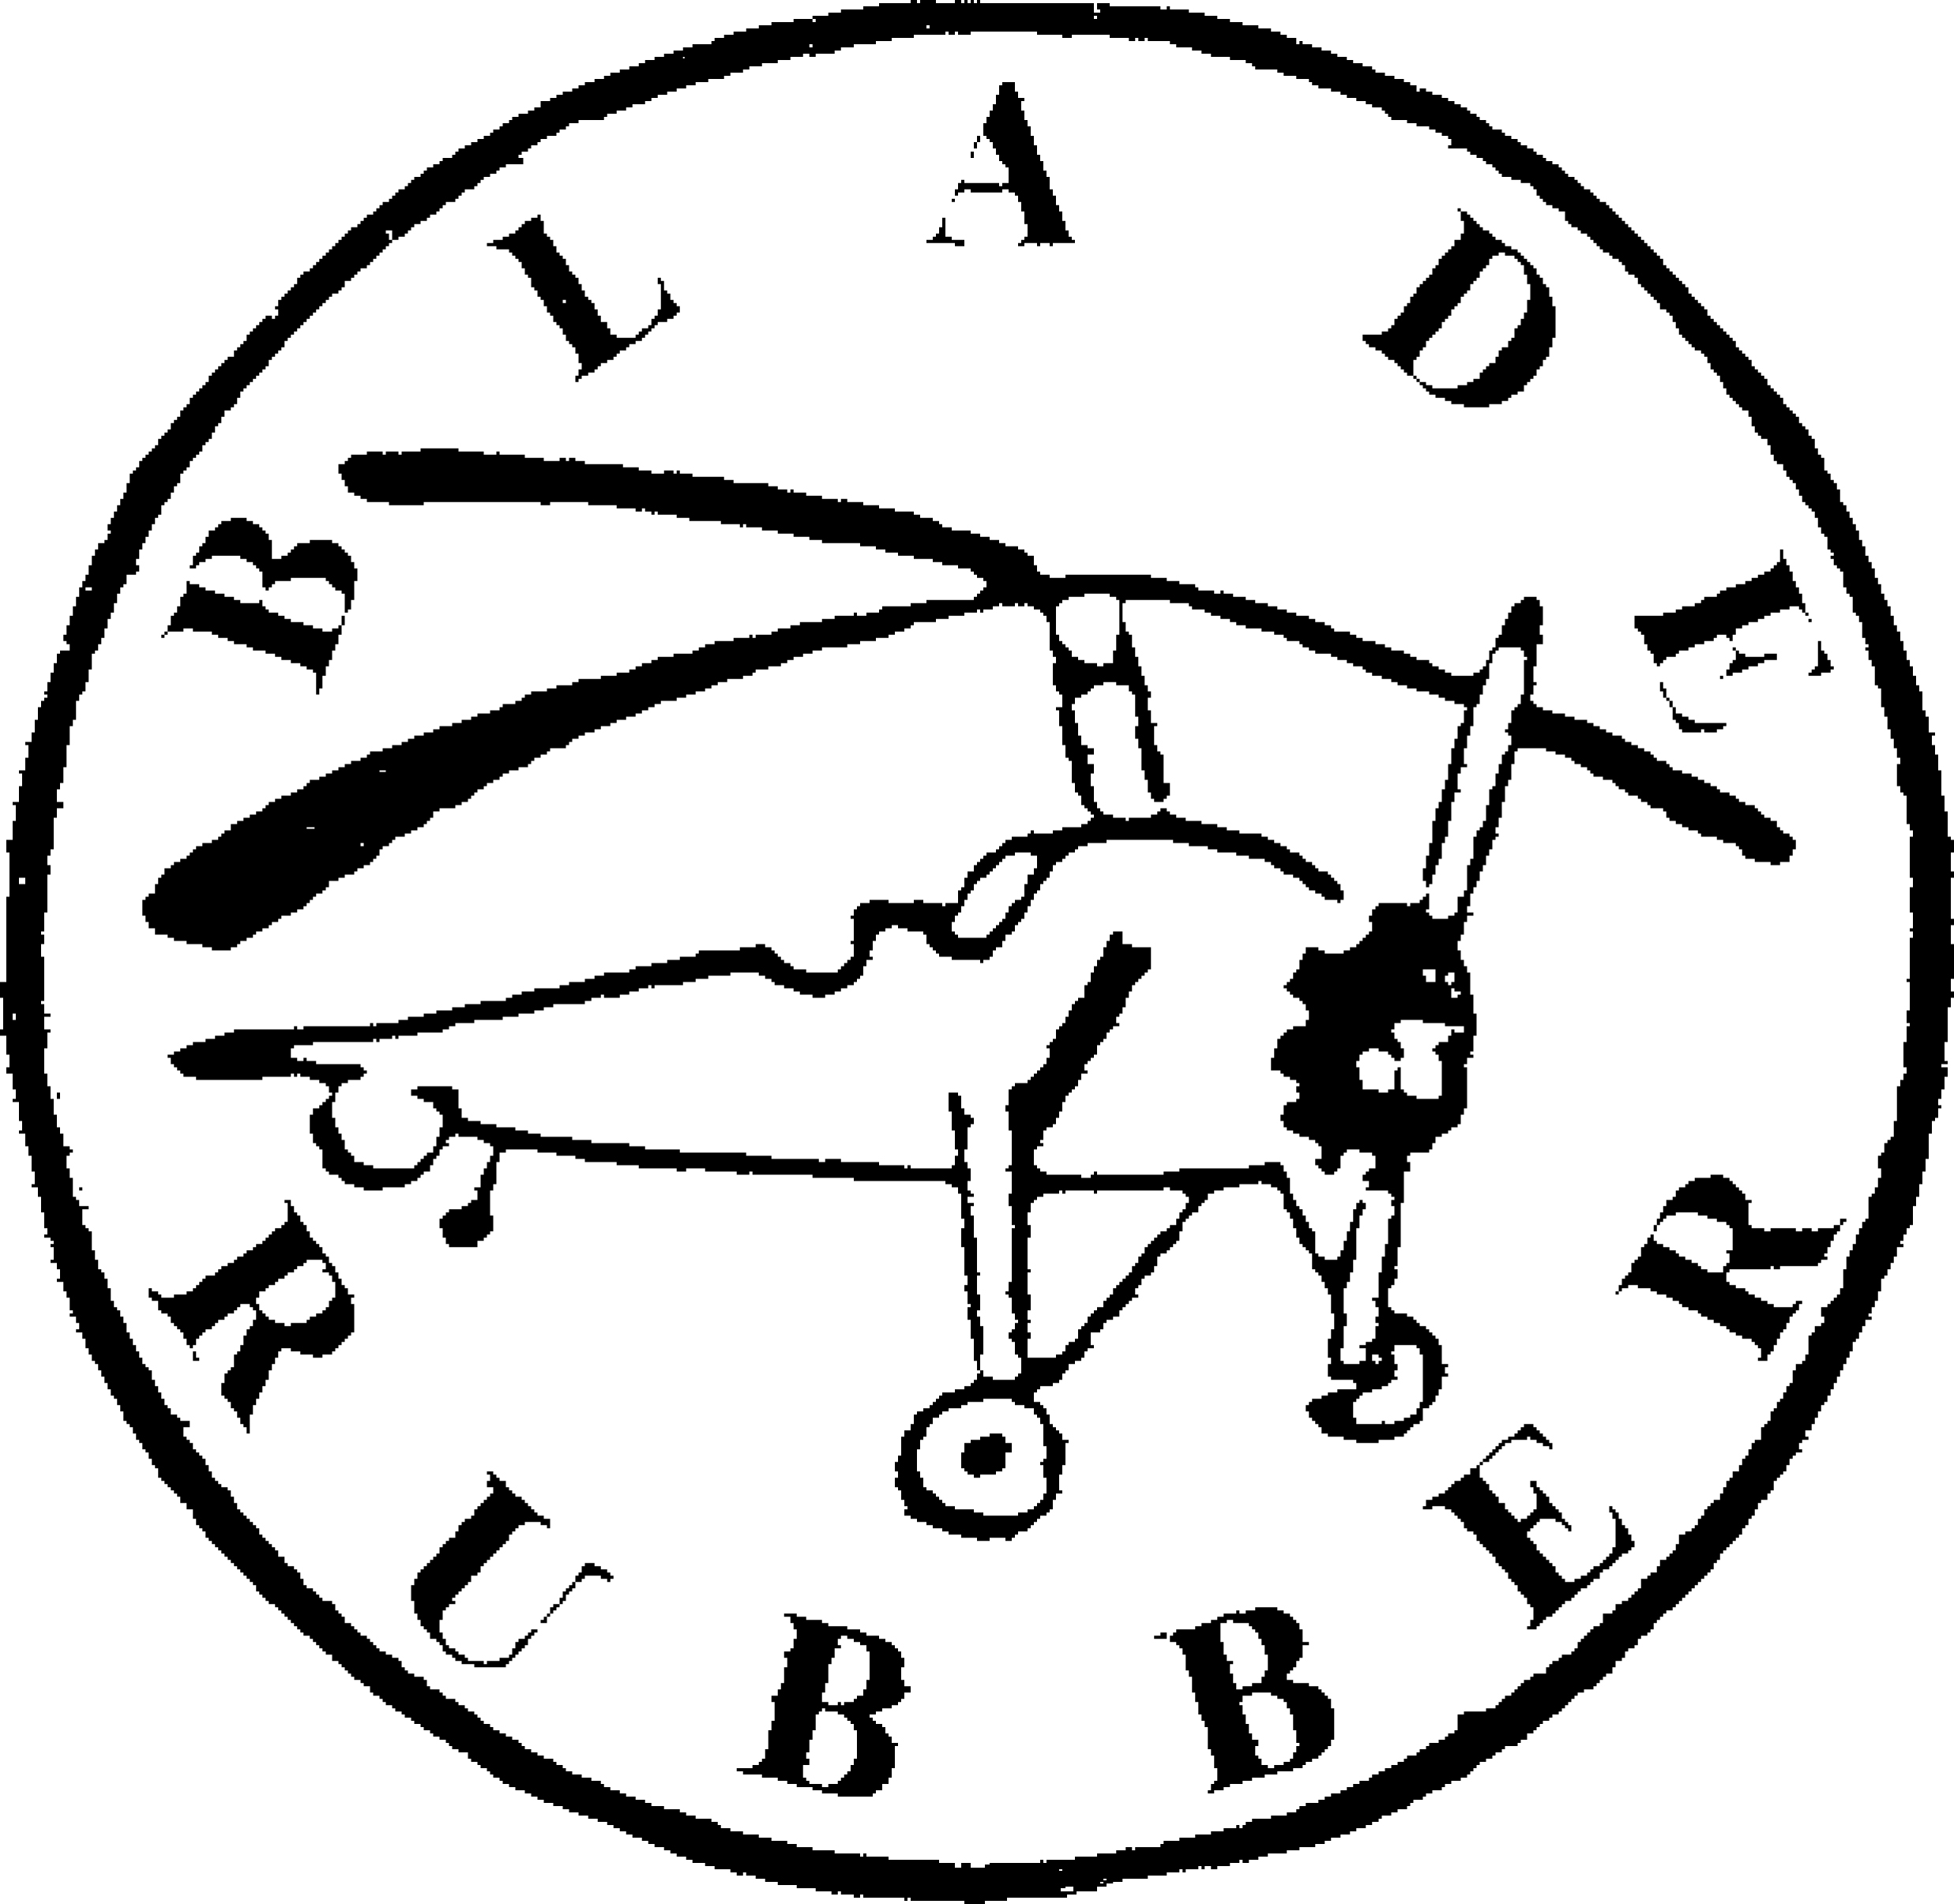 Blade Rubber Express